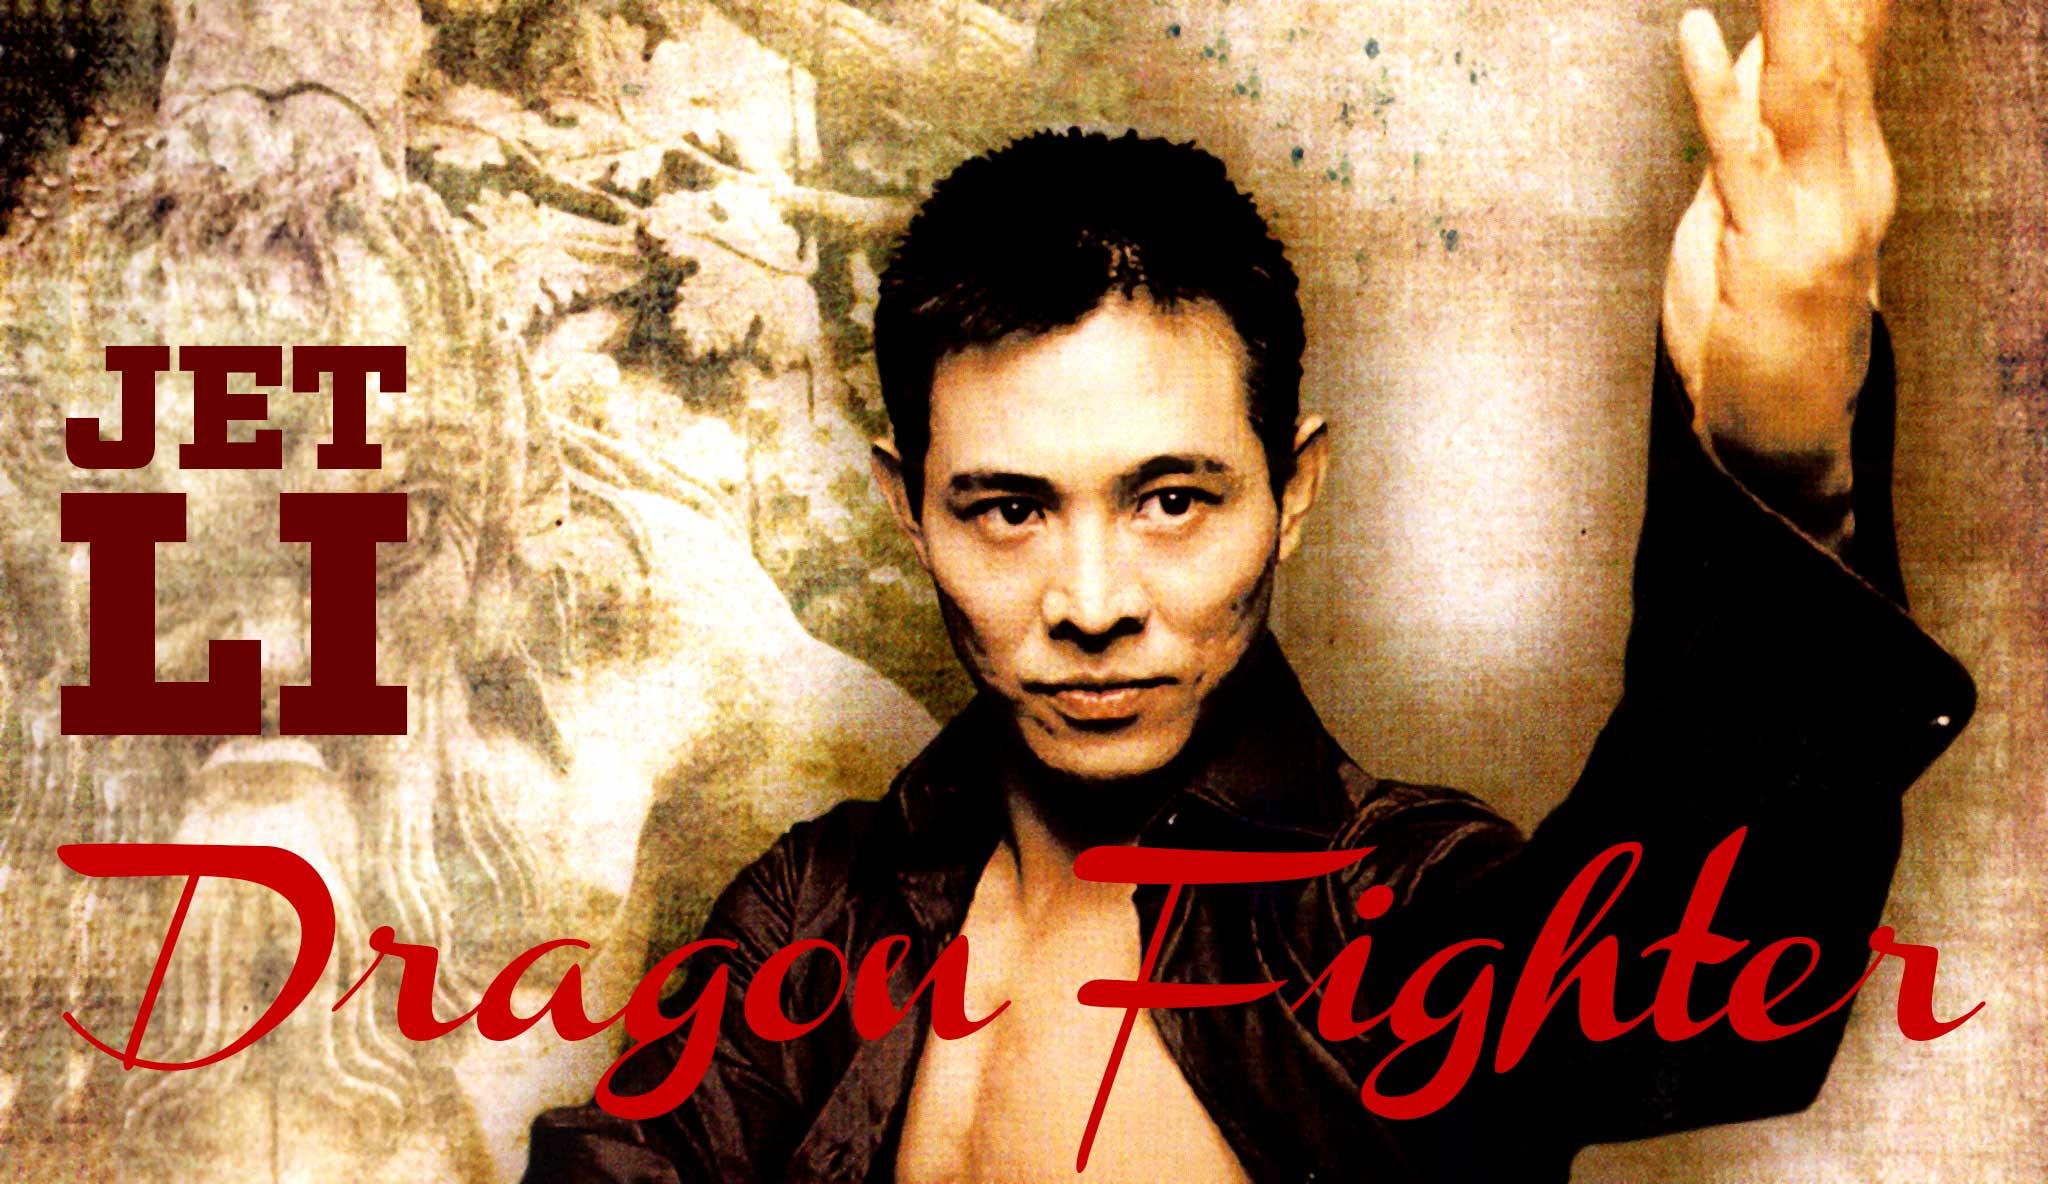 jet-li-dragon-fighter-1\header.jpg